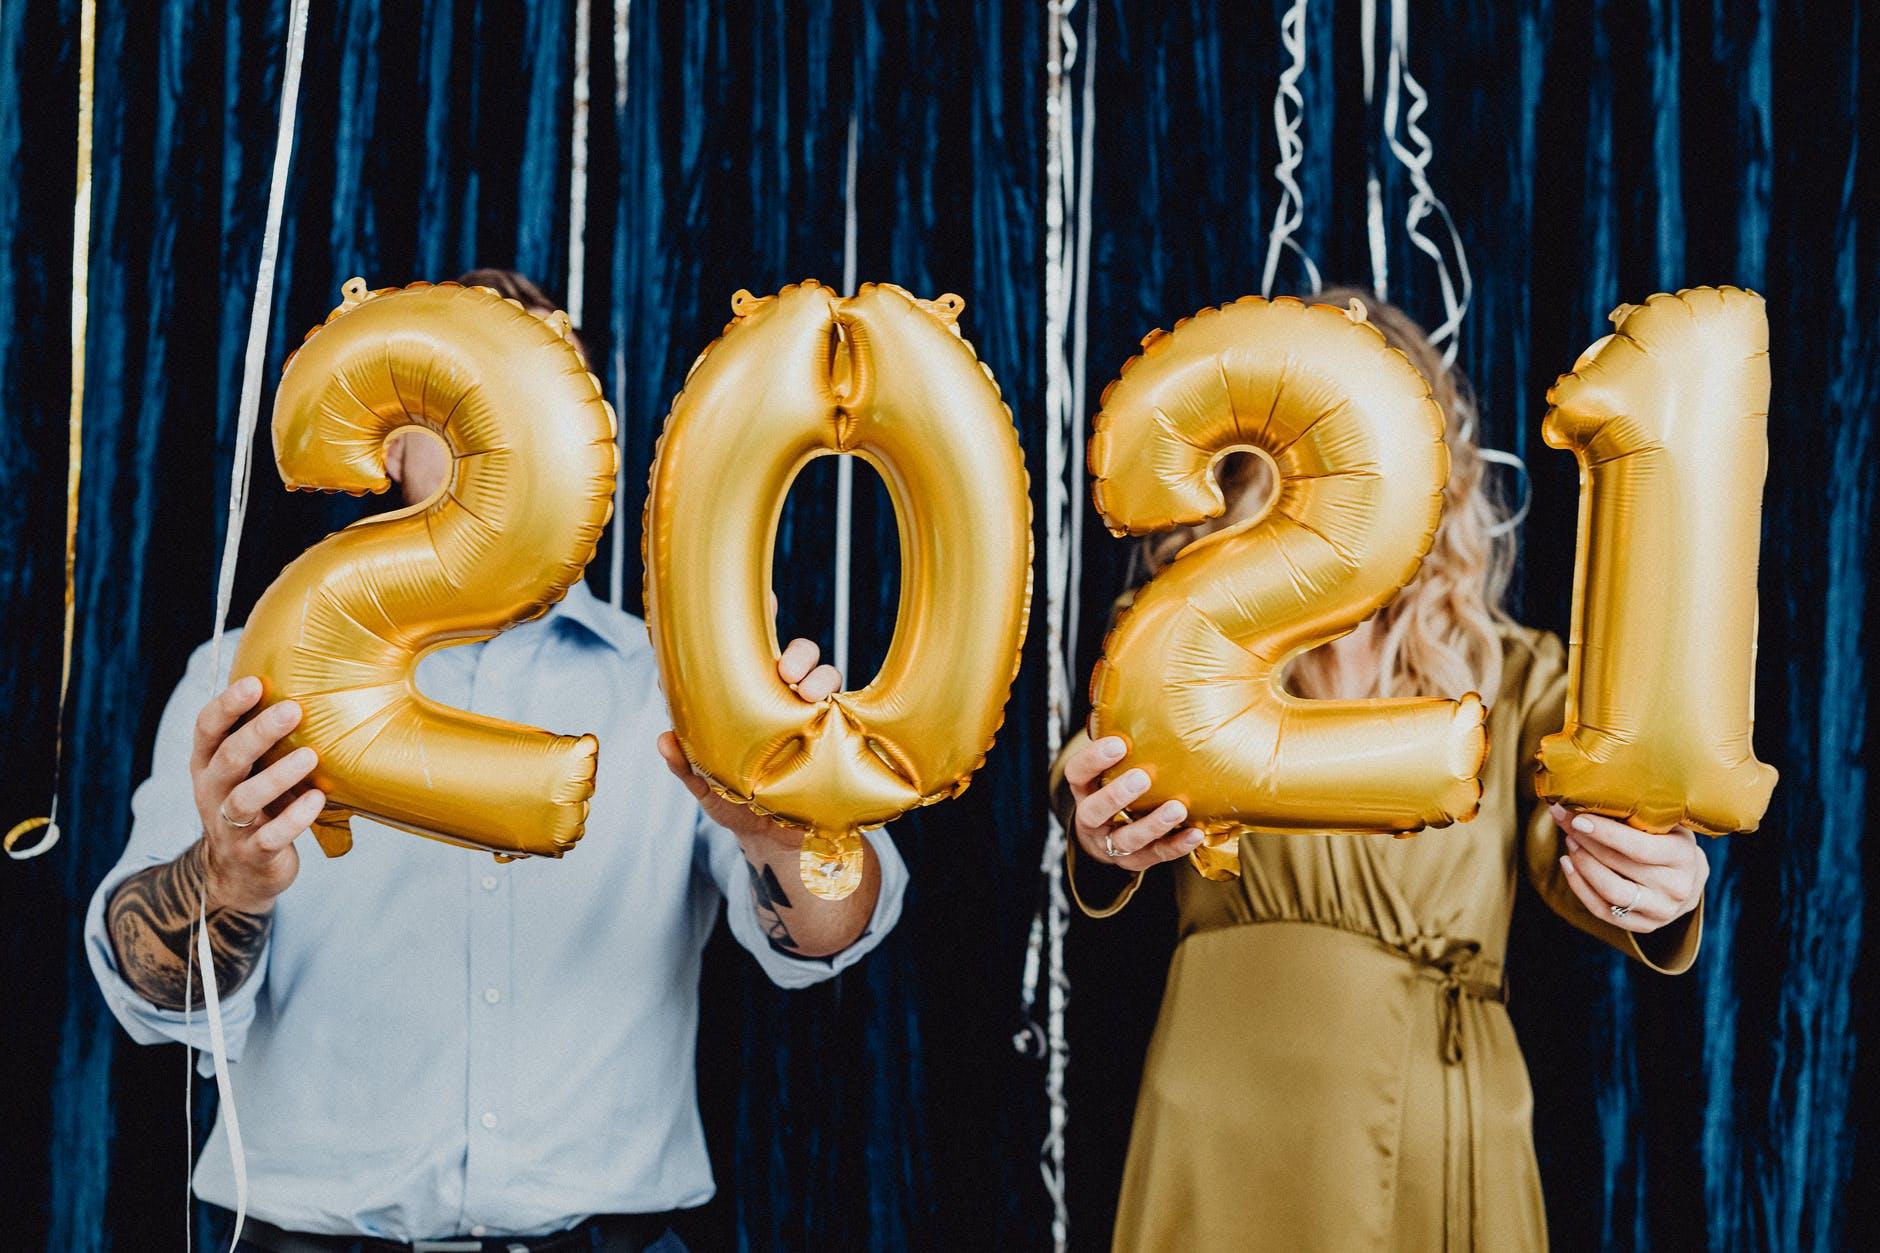 Numerološki godišnji horoskop za godinu koja nam dolazi